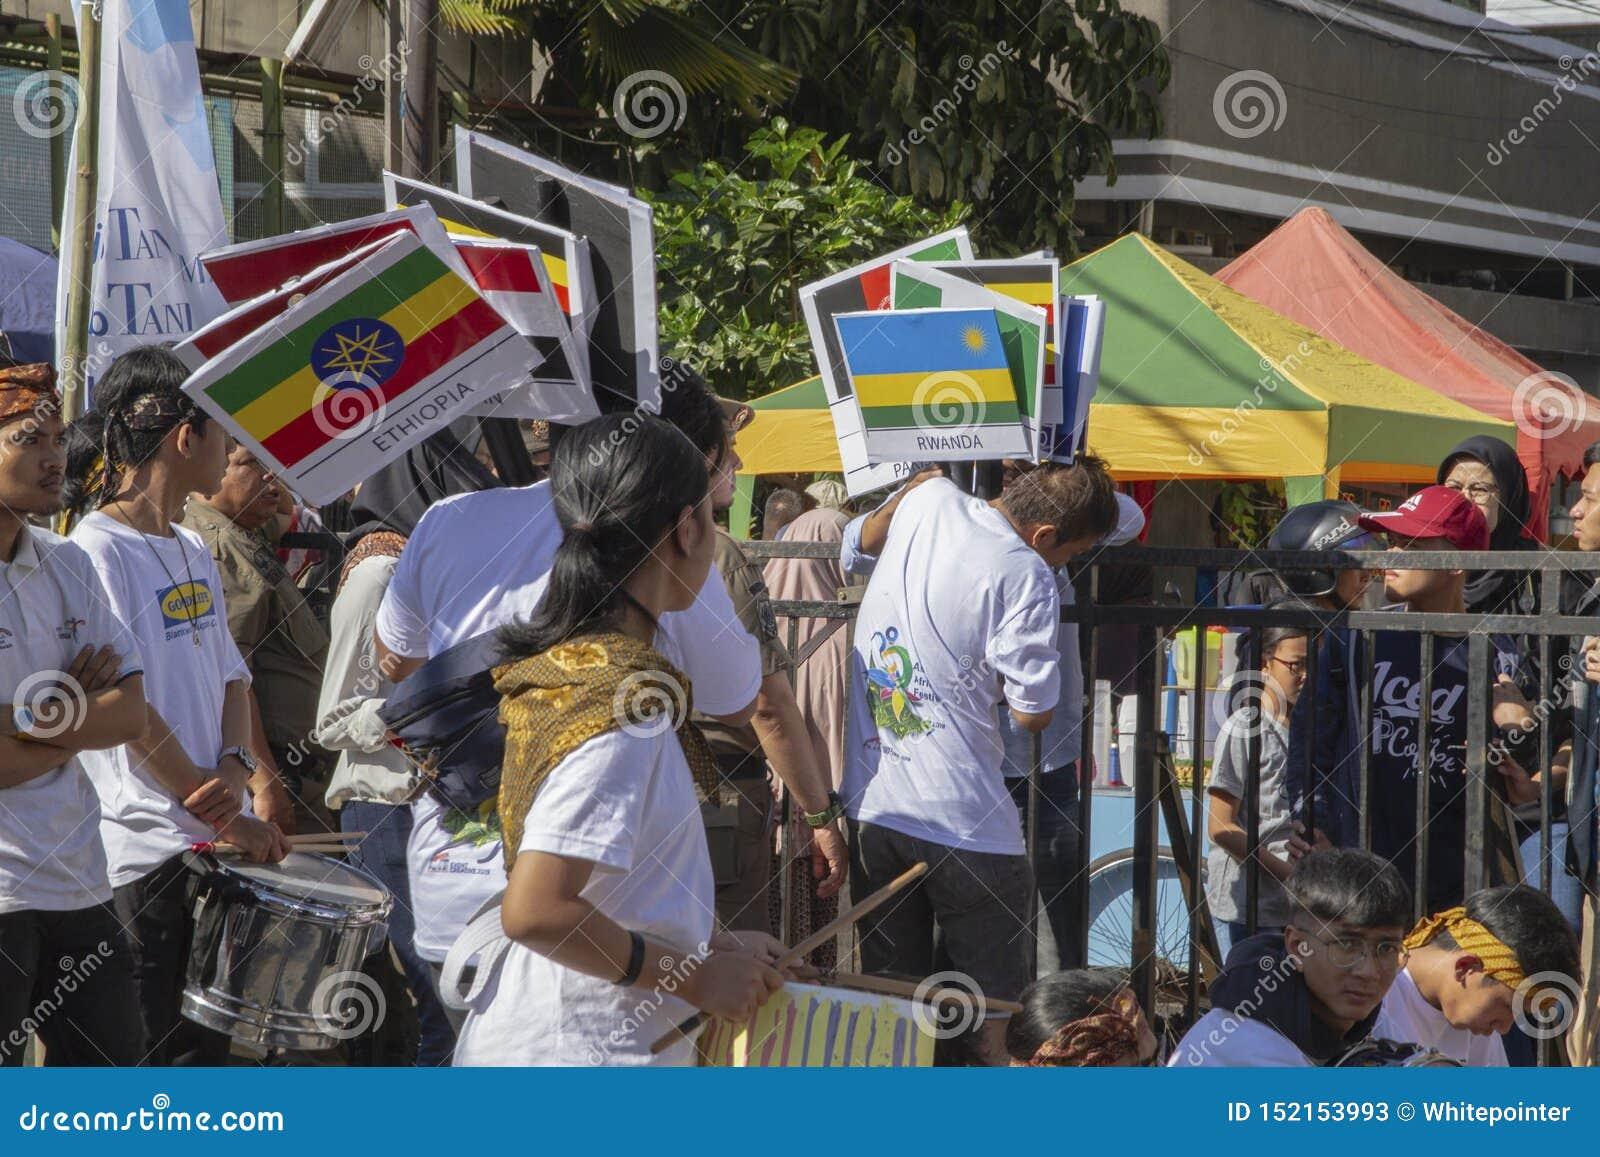 Флаги для много участников от различных стран в фестивале 2019 Азии Африки